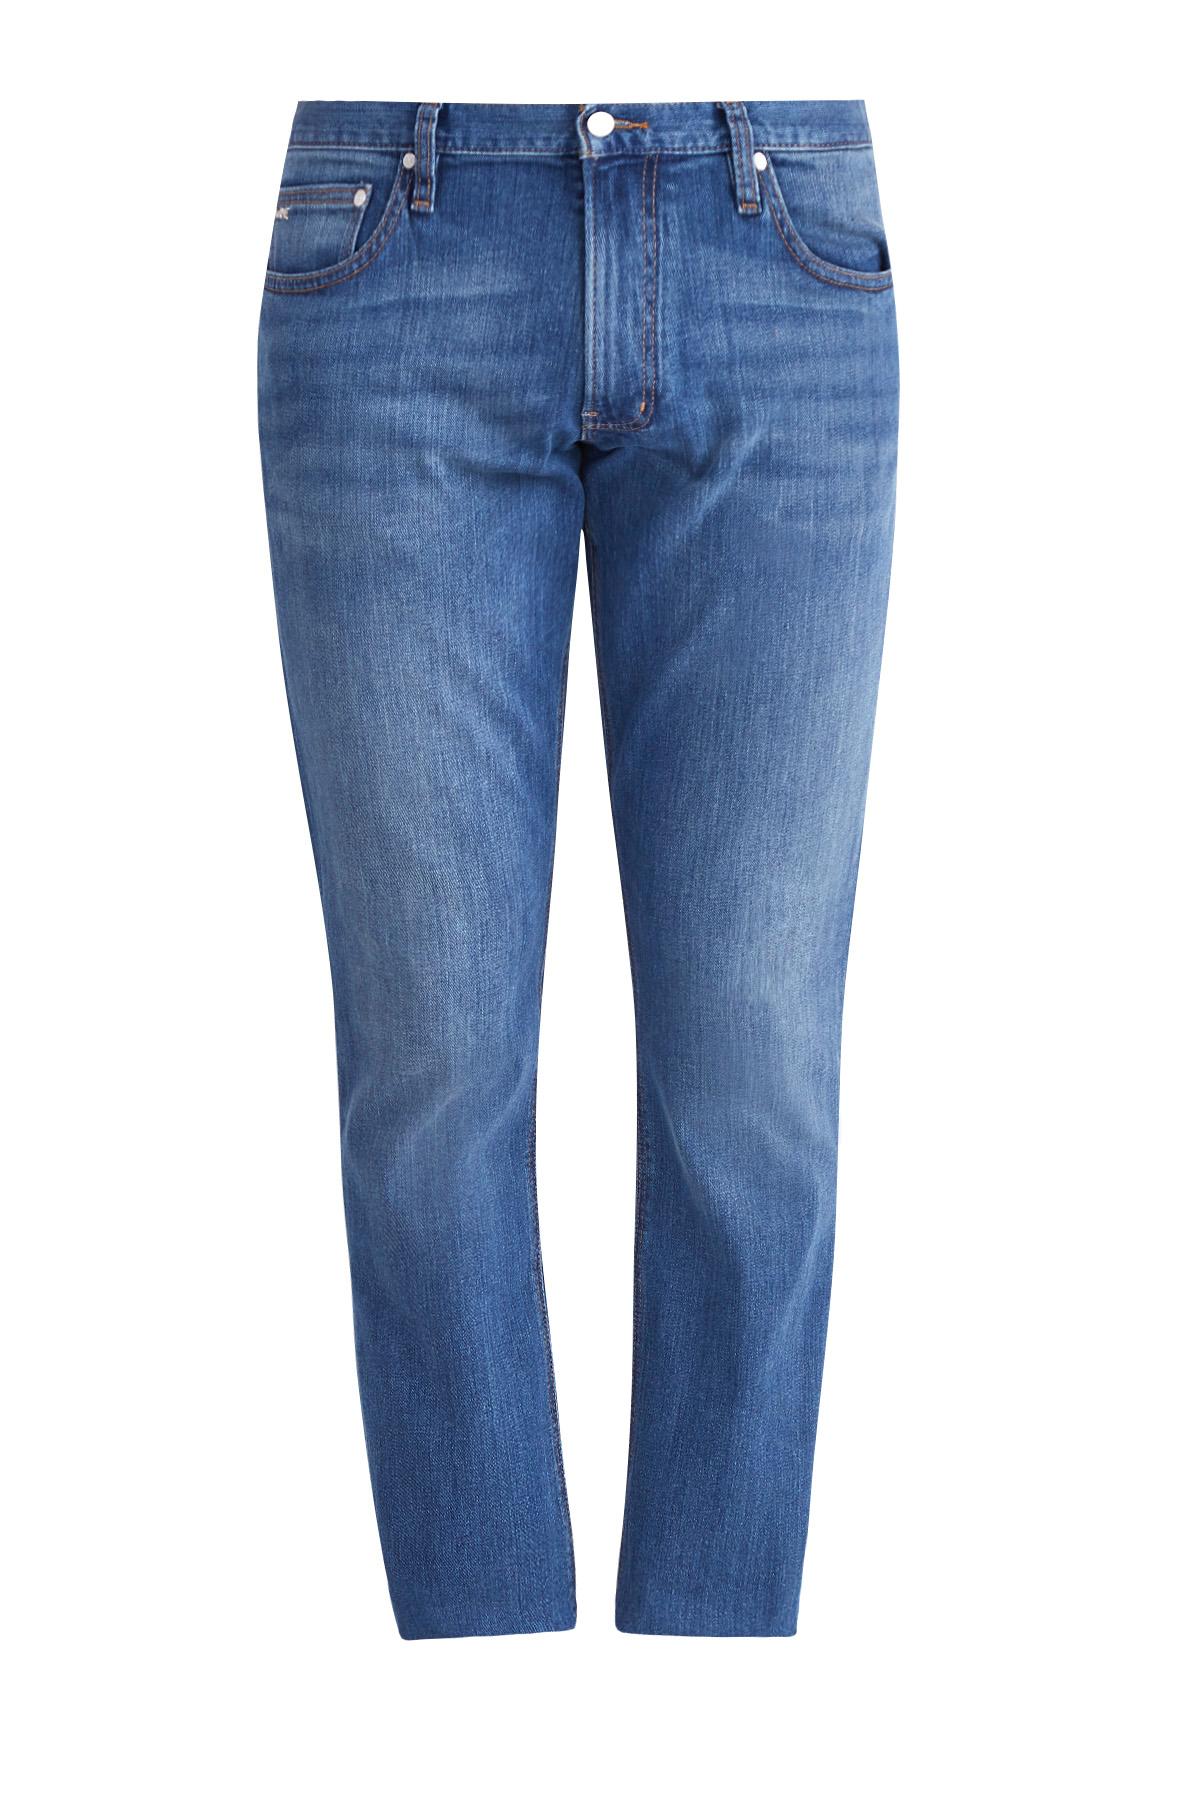 джинсыДжинсы<br><br>Материал: хлопок 98% ,  спандекс 2%;